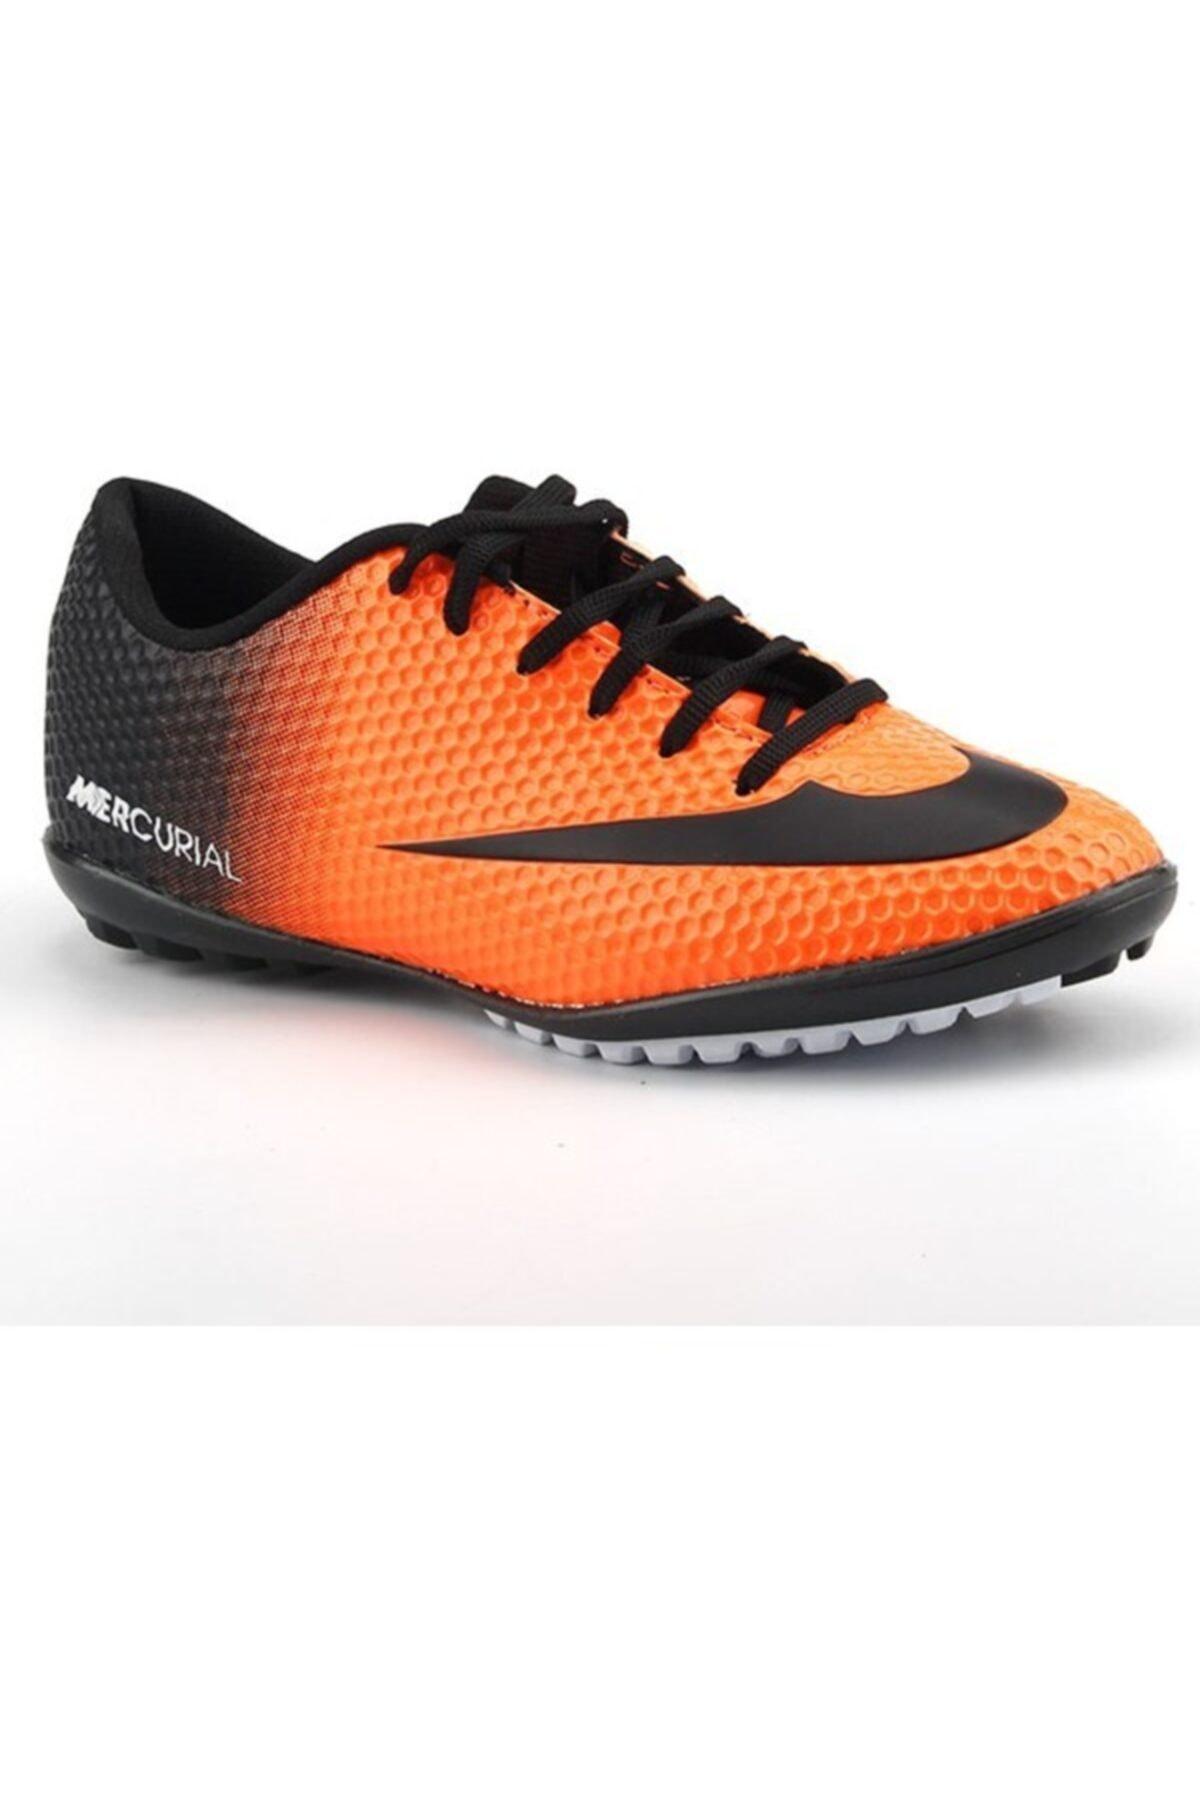 401 Turuncu Çocuk Halısaha Futbol Spor Ayakkabı